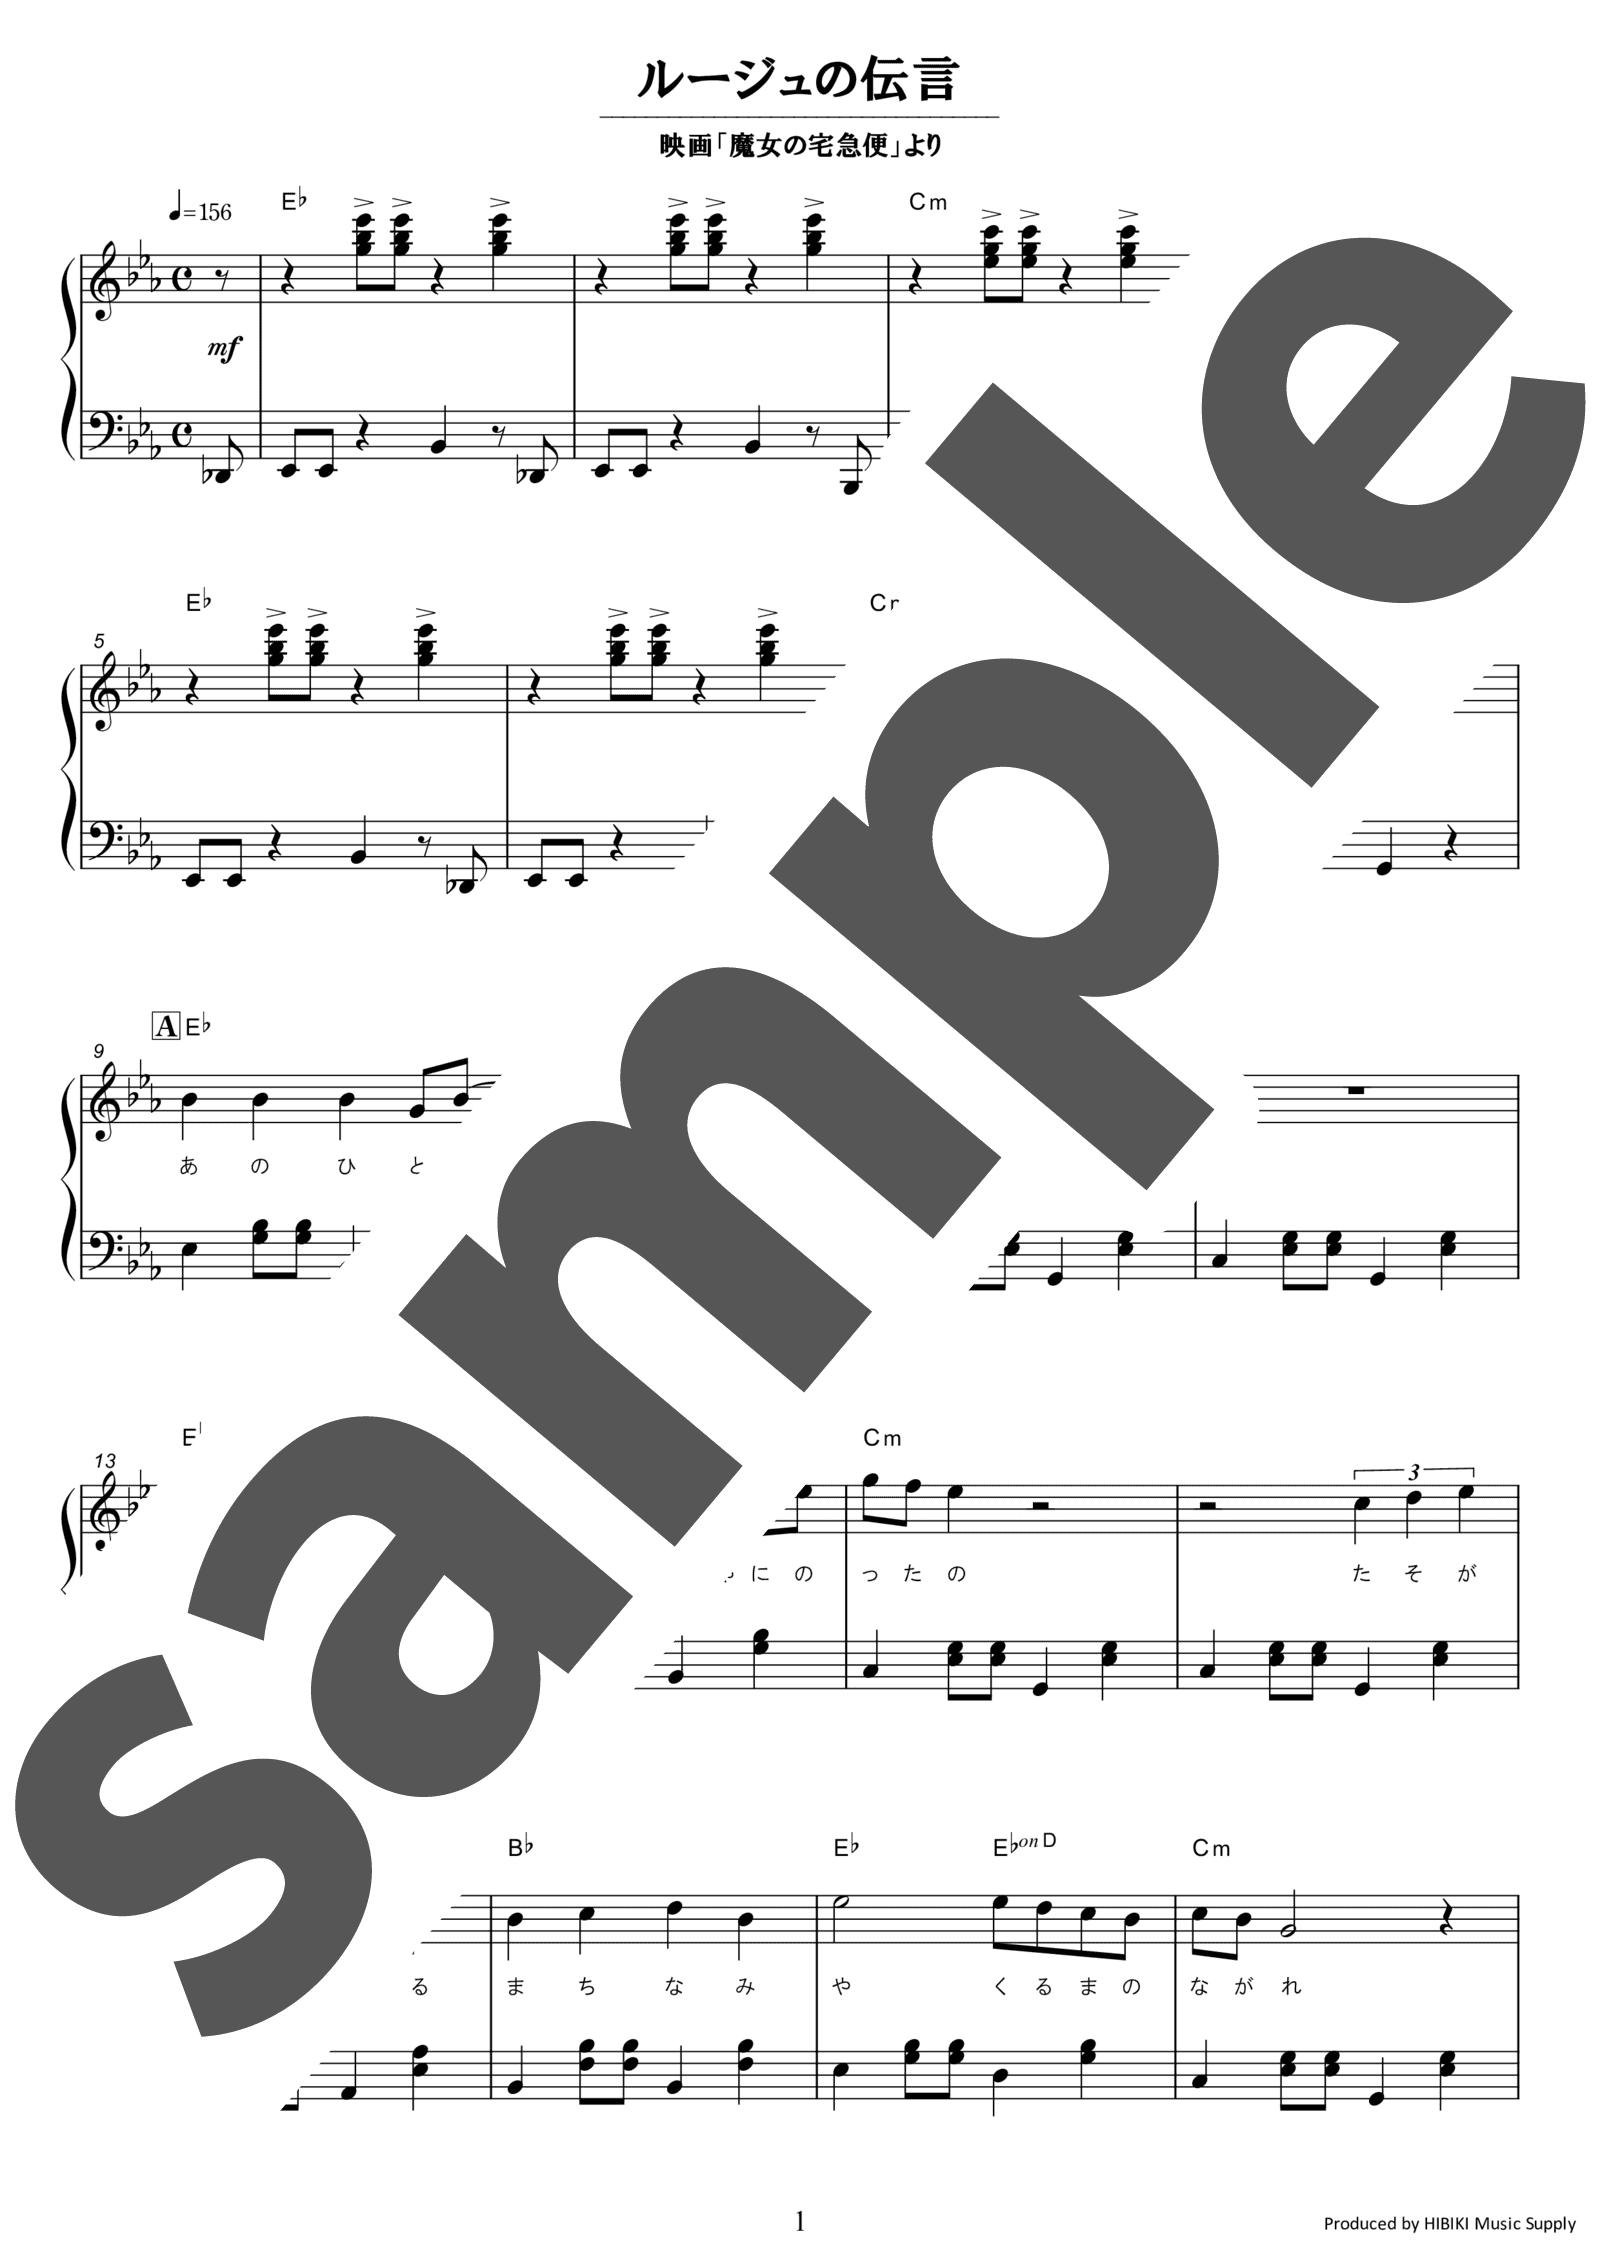 「ルージュの伝言」のサンプル楽譜